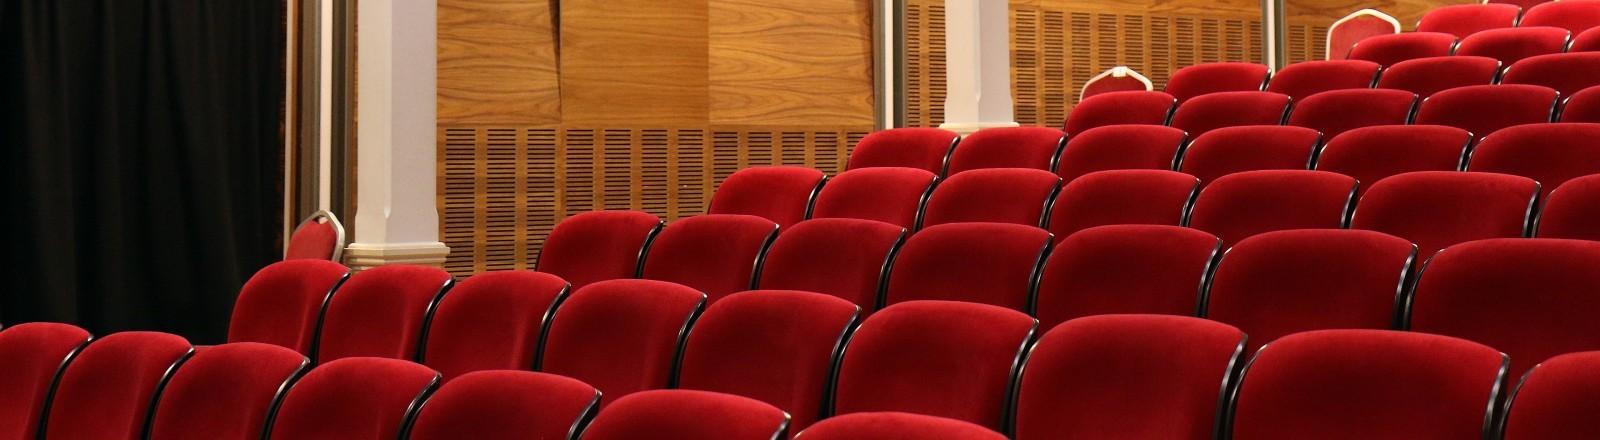 Ein leeres Theater mit roten Samtsitzen